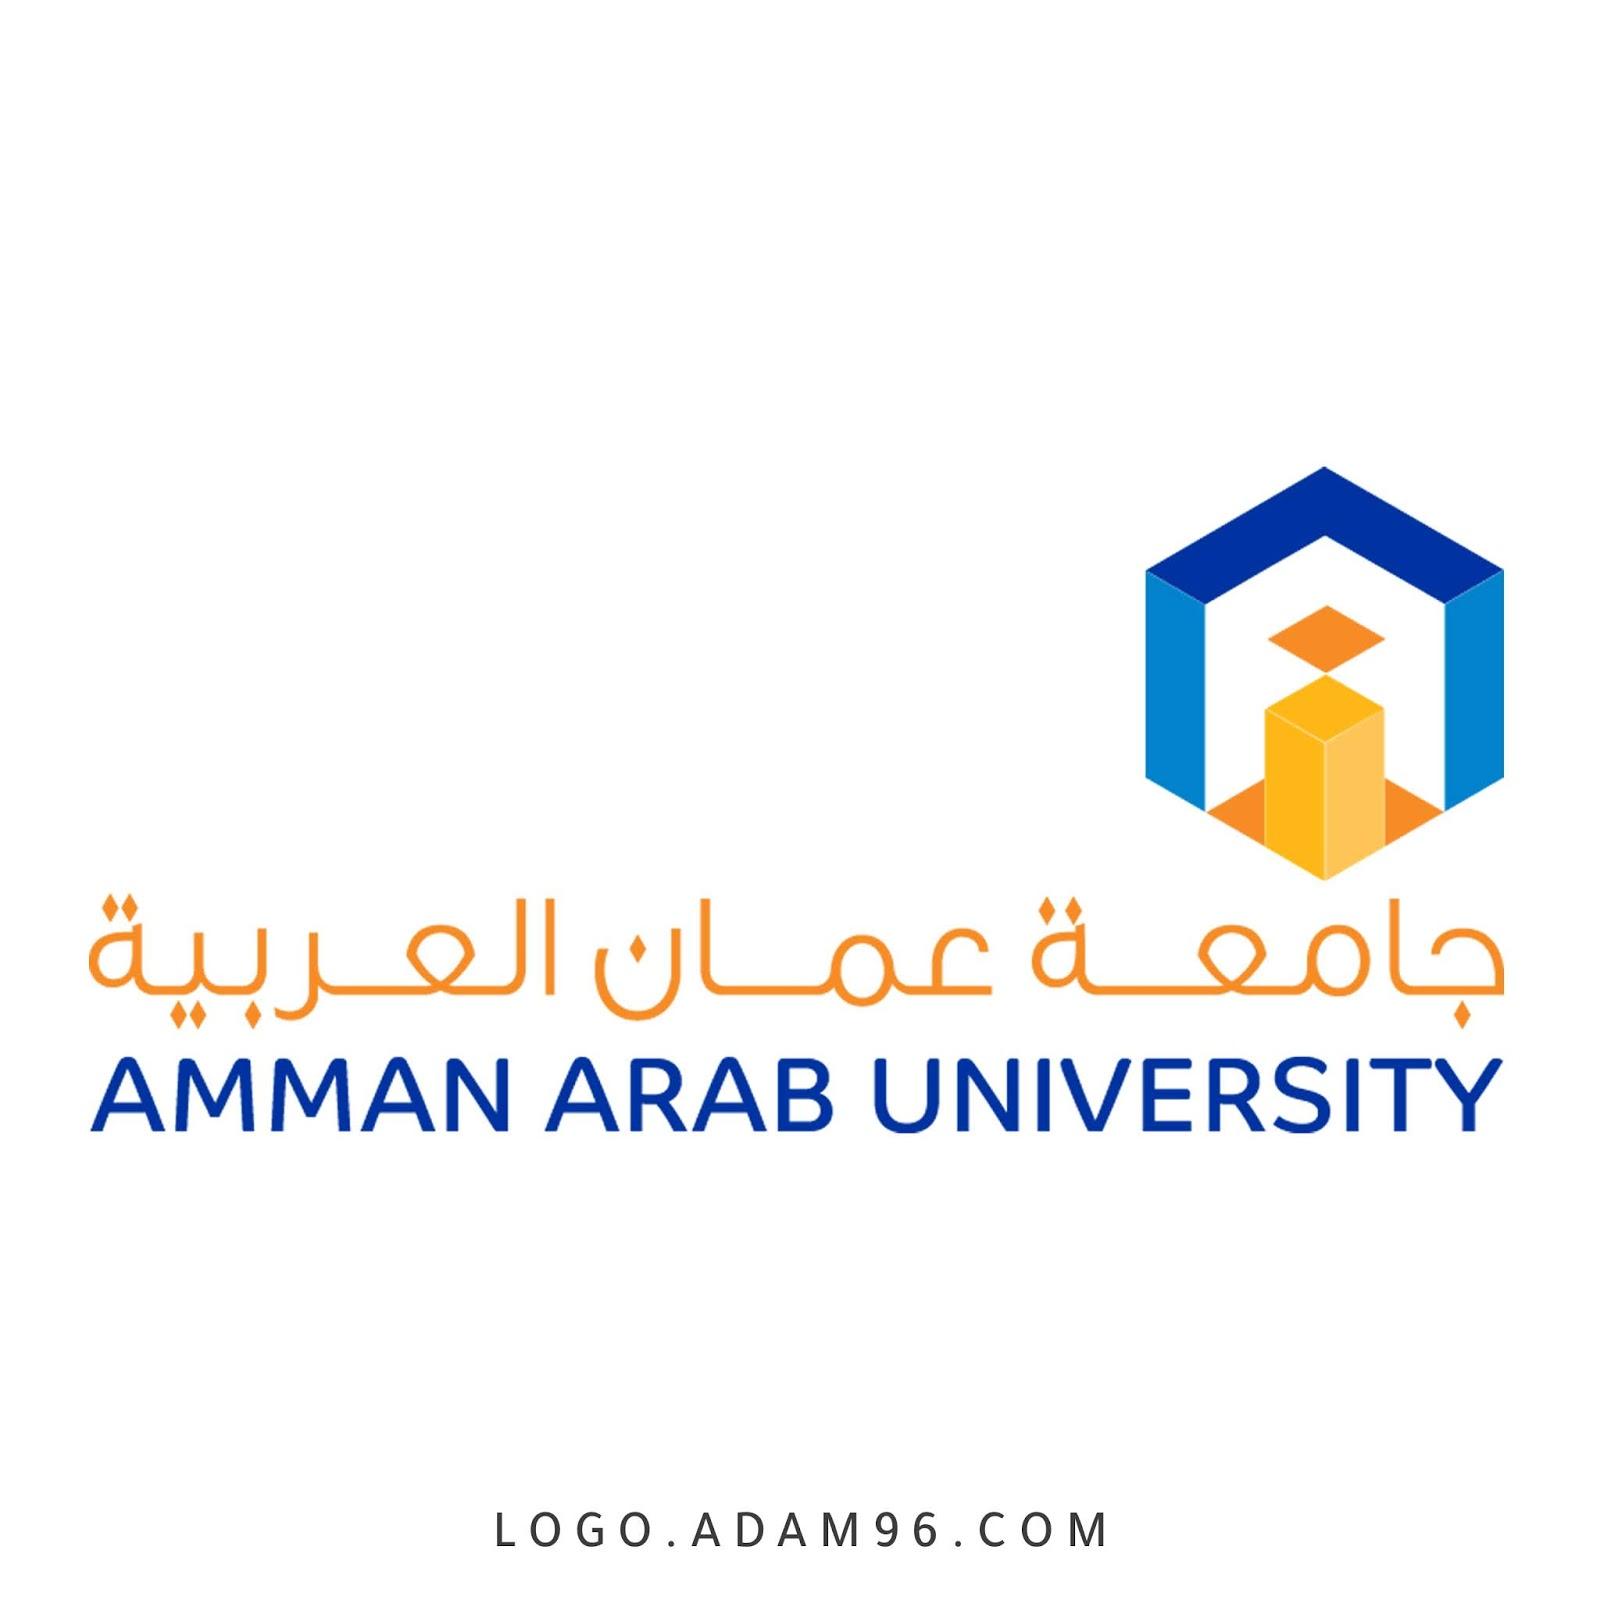 شعار جامعة عمان العربية بجودة عالية - logo Amman Arab University